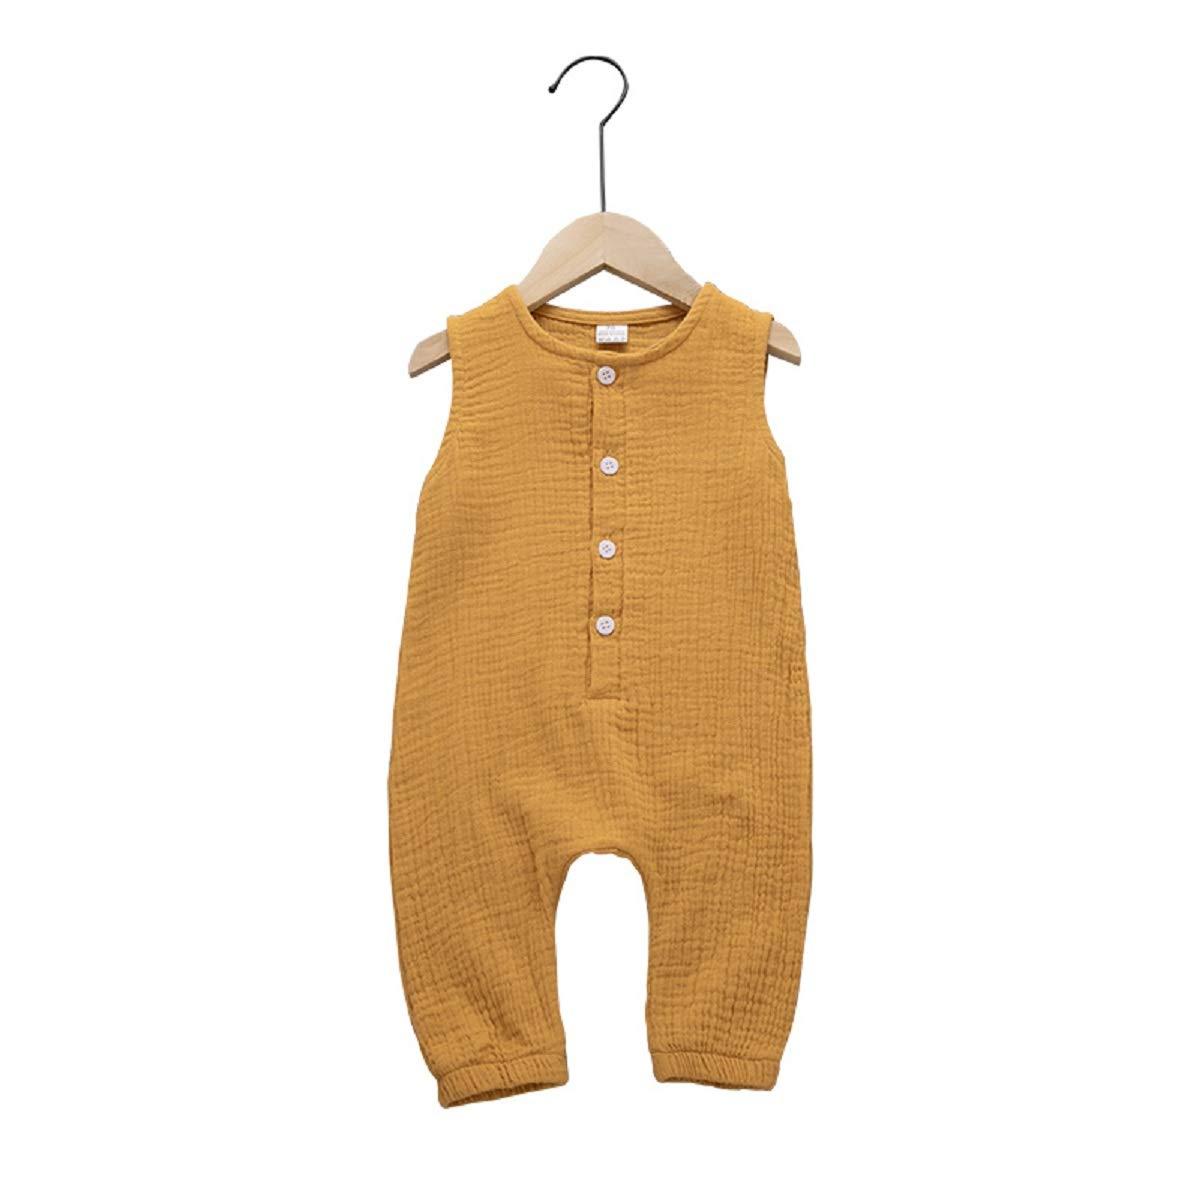 Haokaini ni/ñas y ni/ños Traje para ni/ño peque/ño Mameluco con Botones Informal Mono de Lino sin Mangas para beb/és